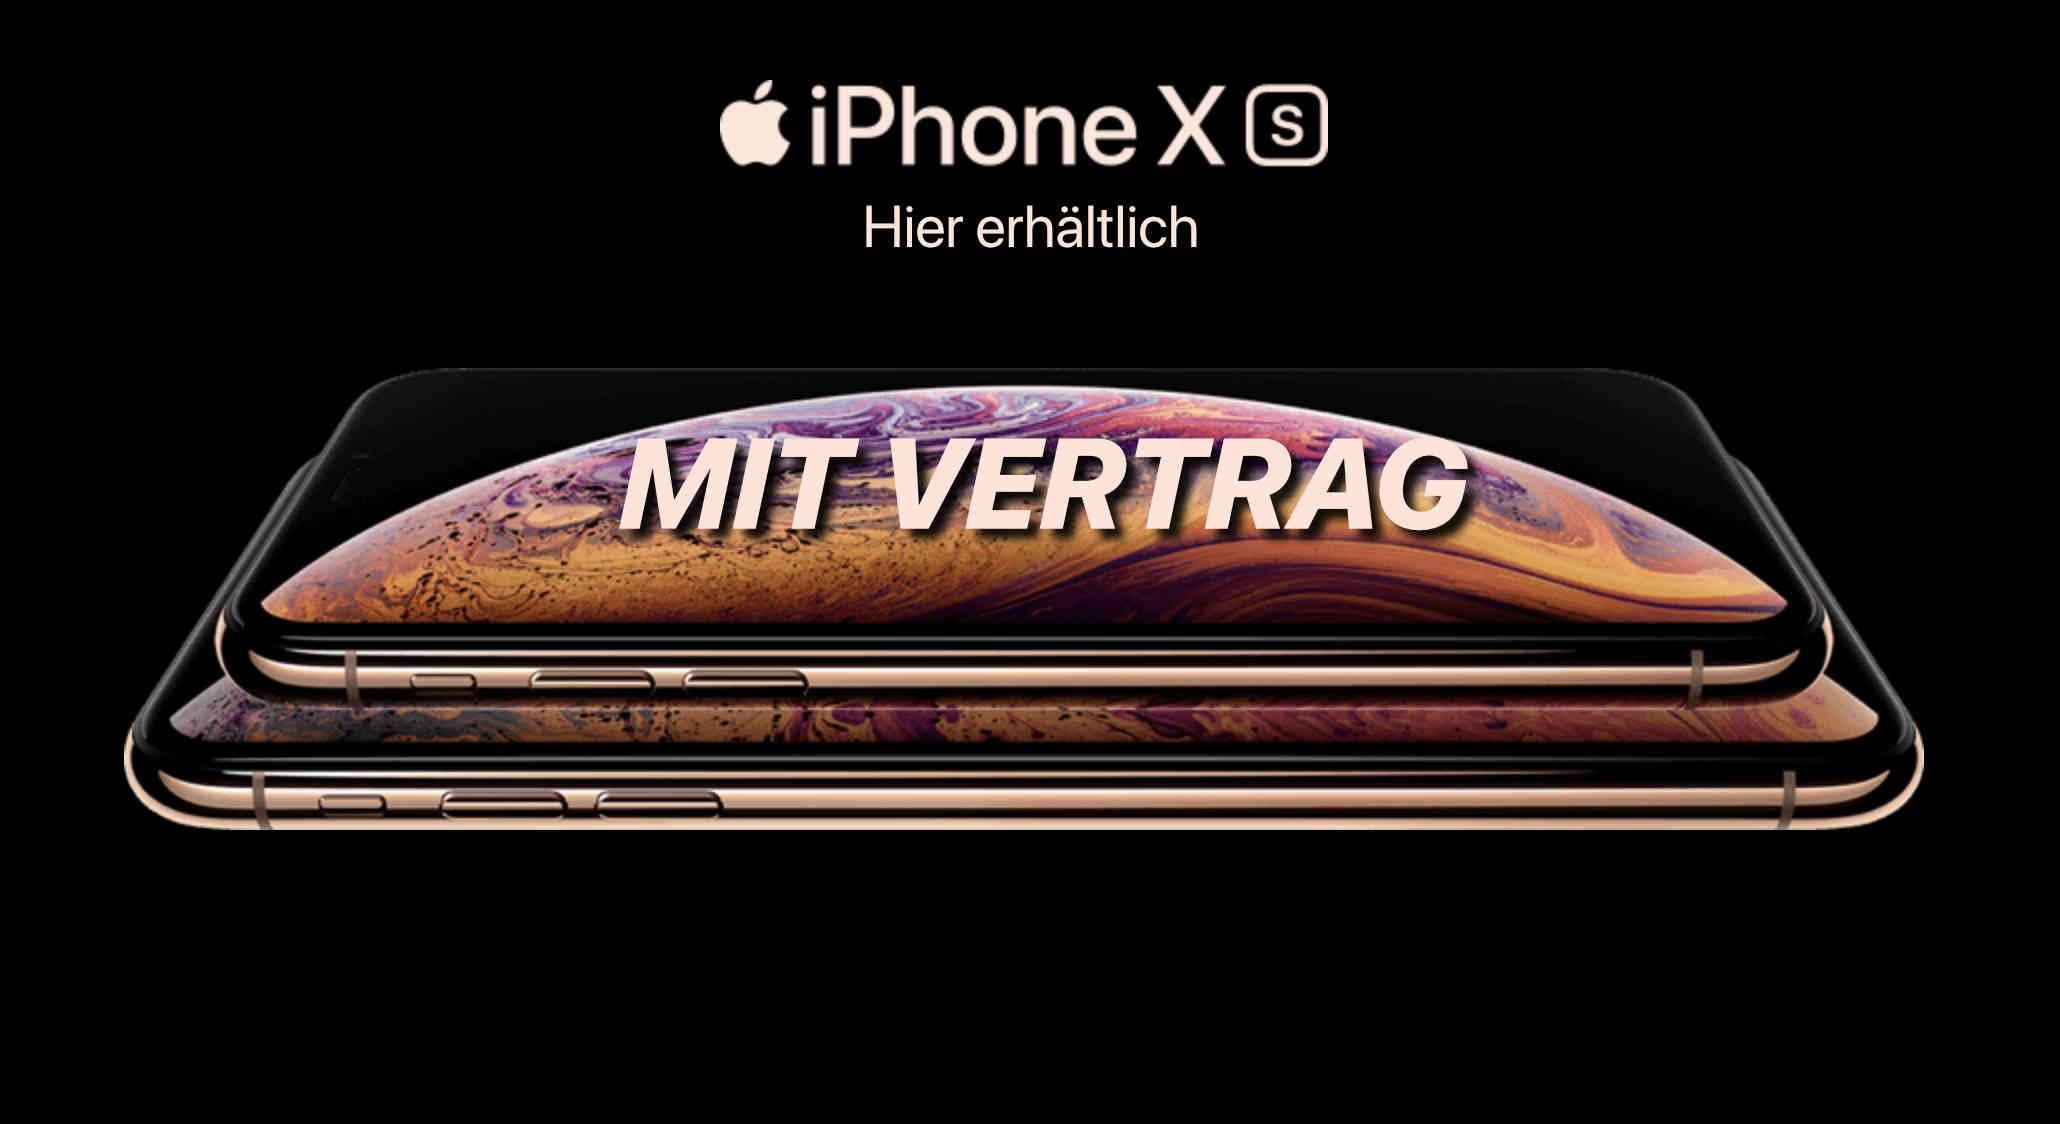 iPhone Xs mit Vertrag kaufen 1